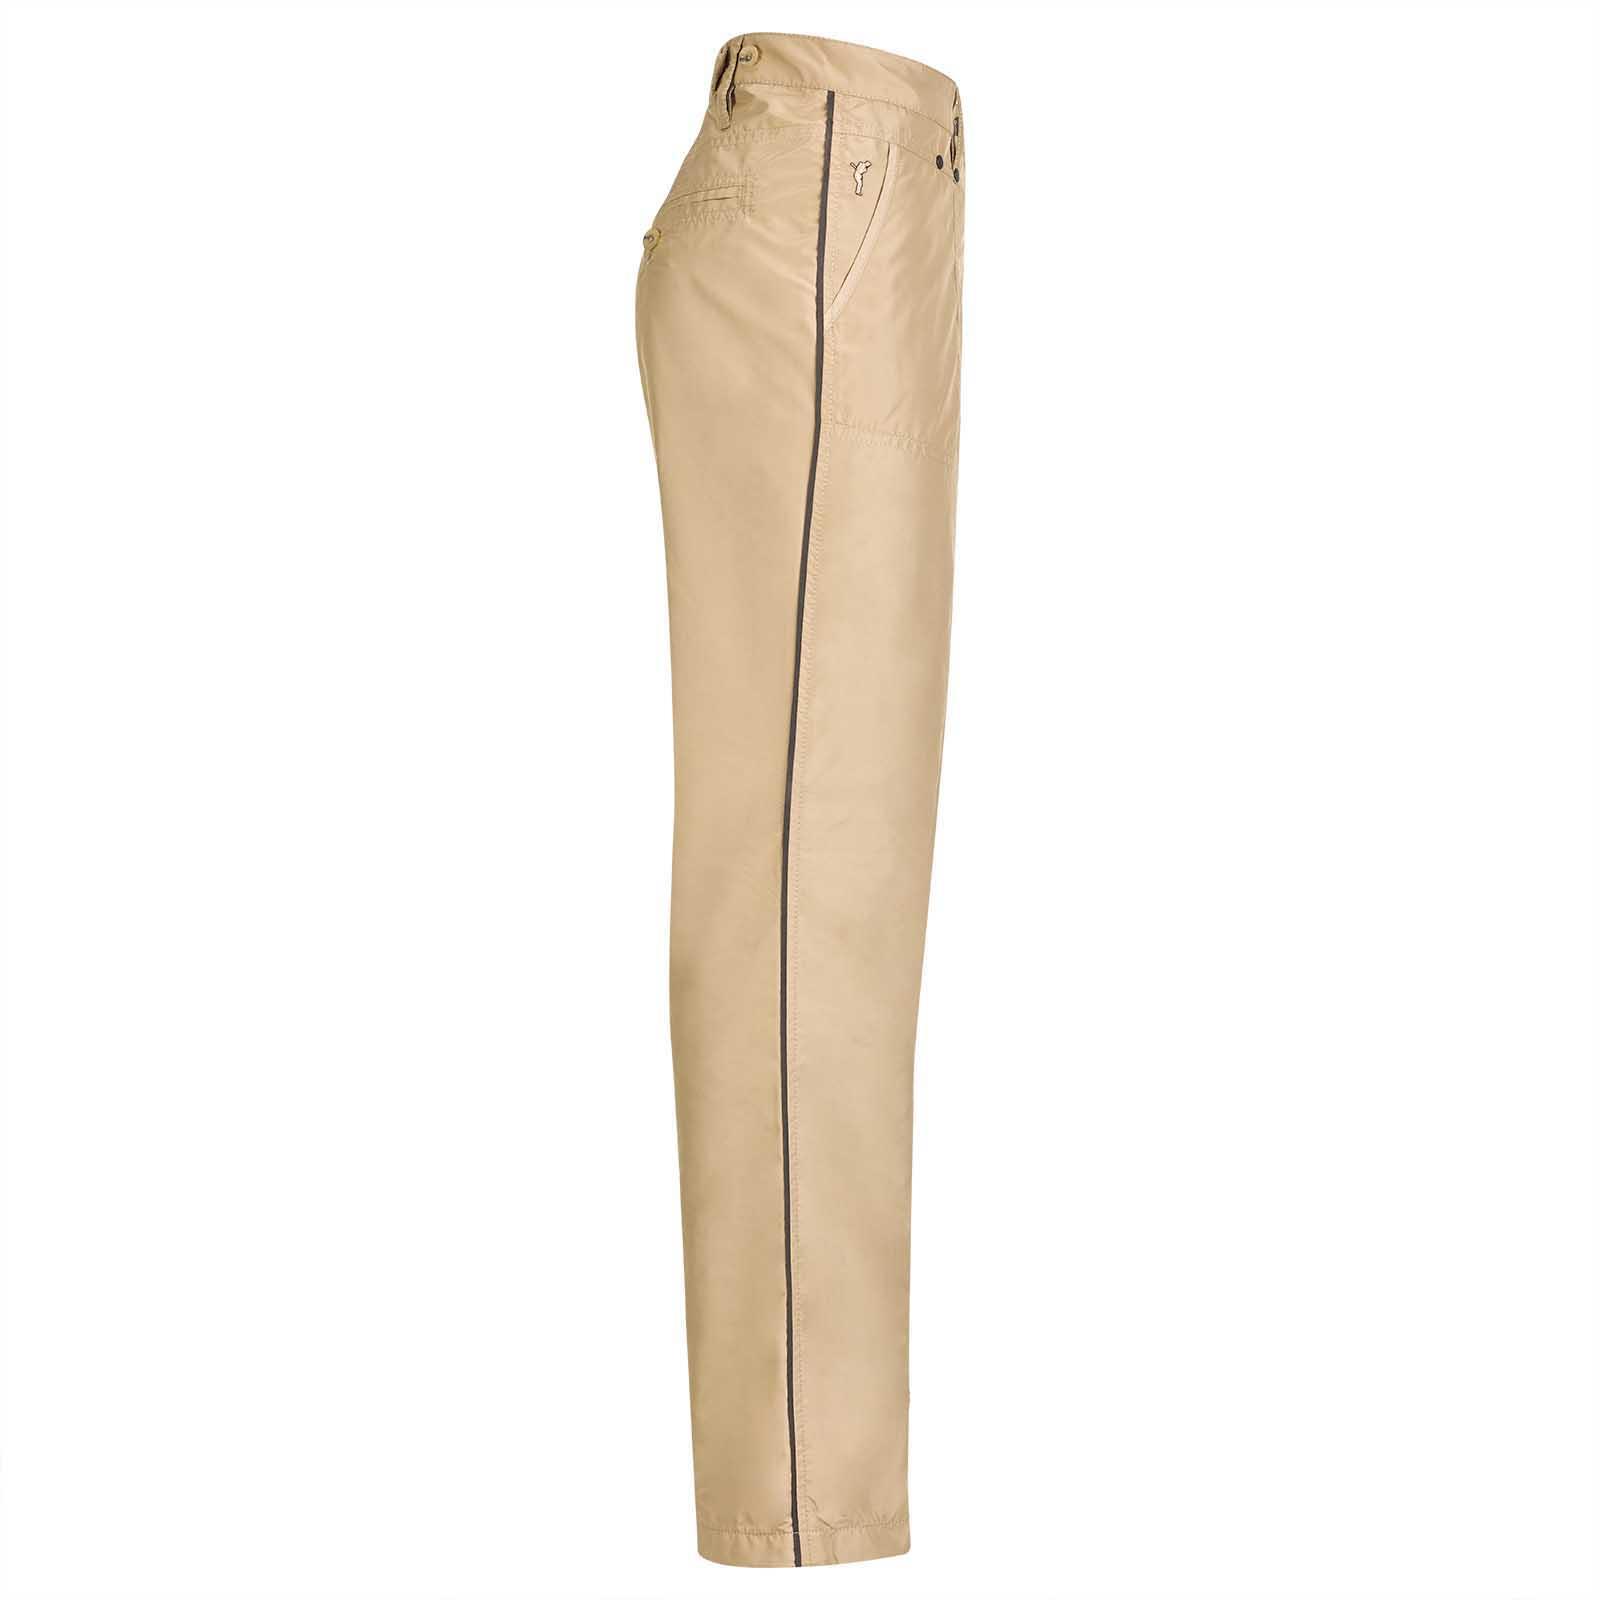 Gerade geschnittene Damenhose mit warmen Thermokomfortfutter